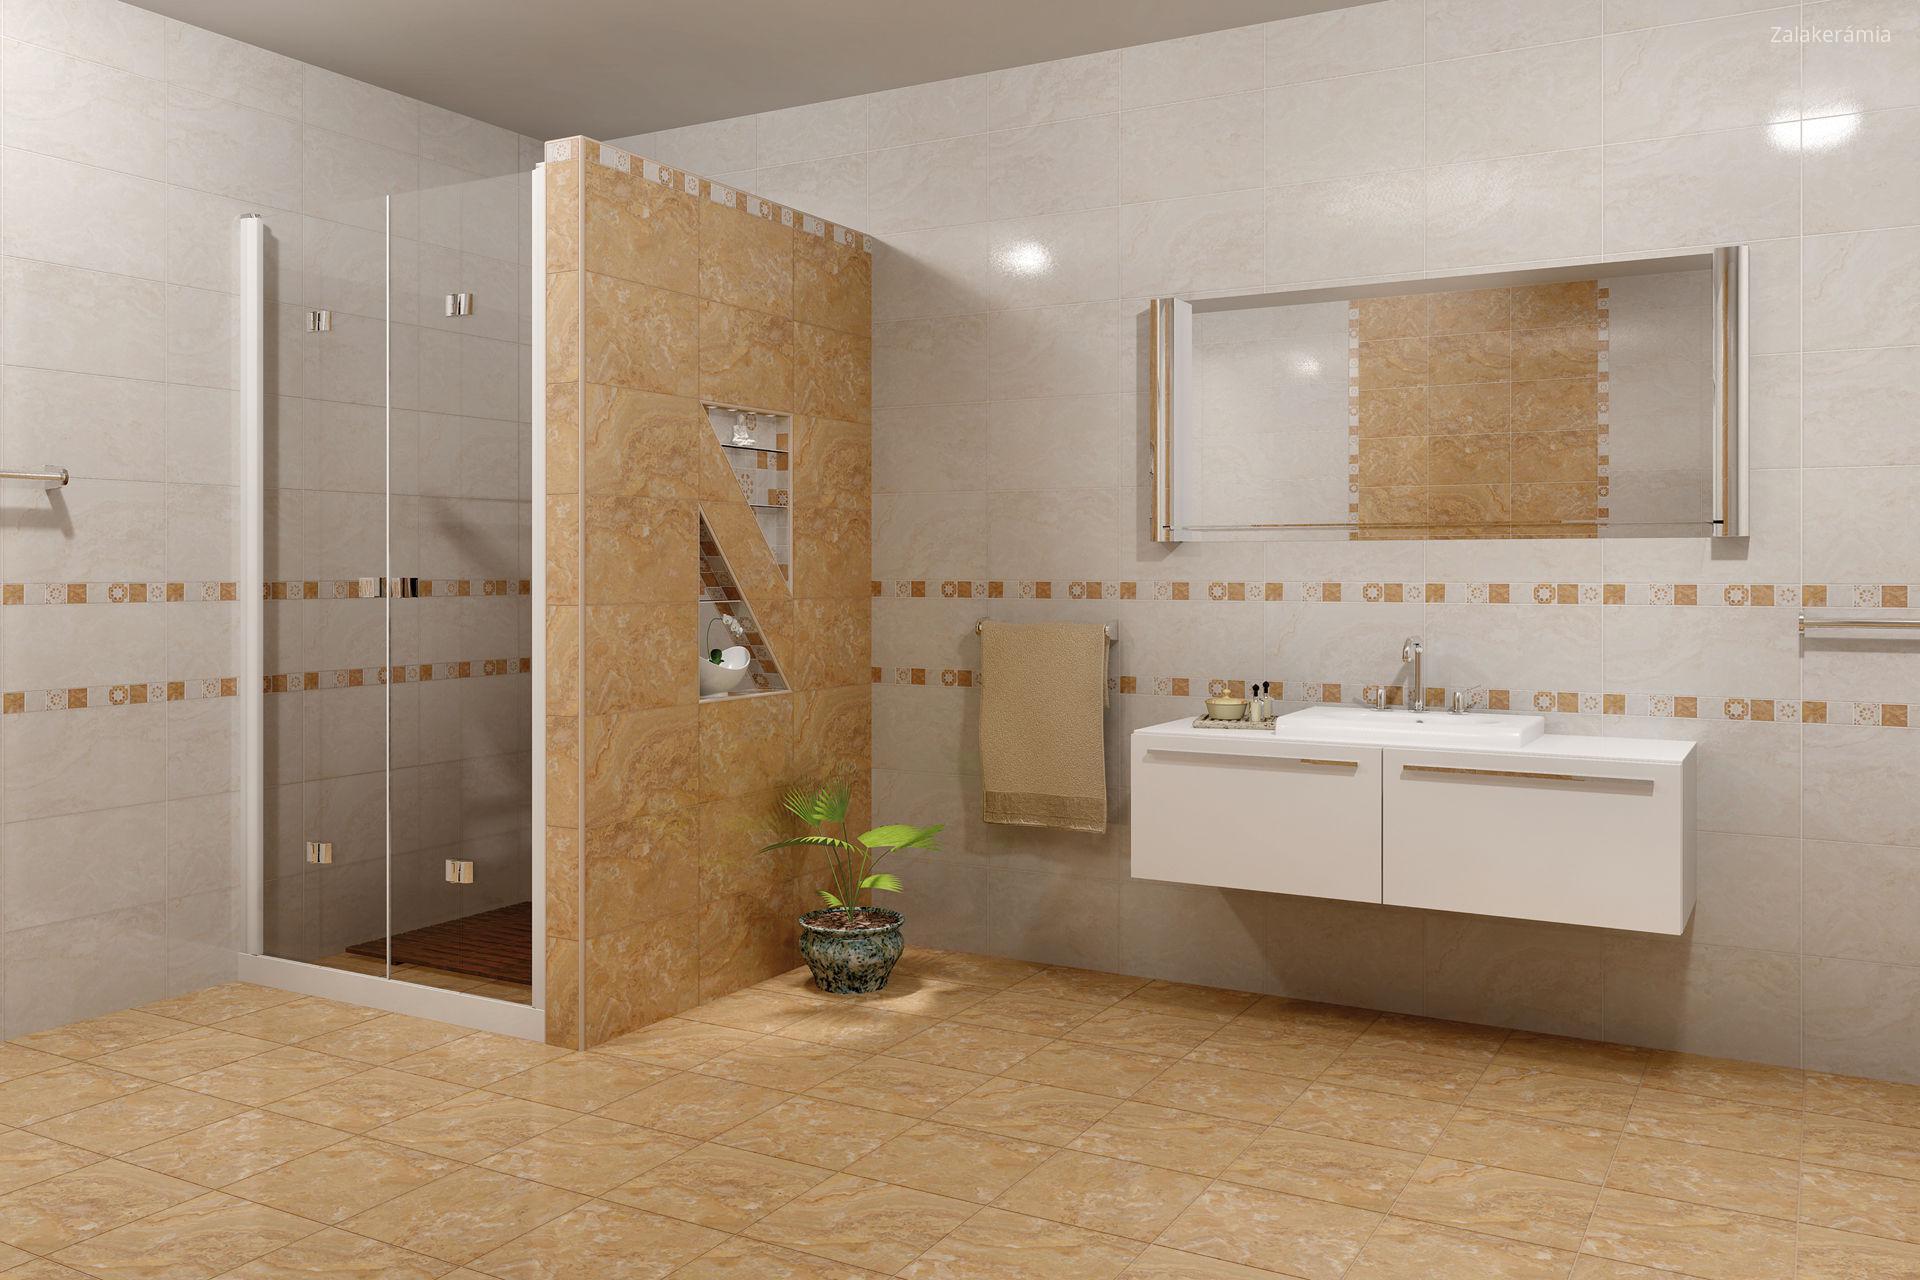 ORION fürdőszoba burkolat // HOMEINFO.hu - Inspirációtár